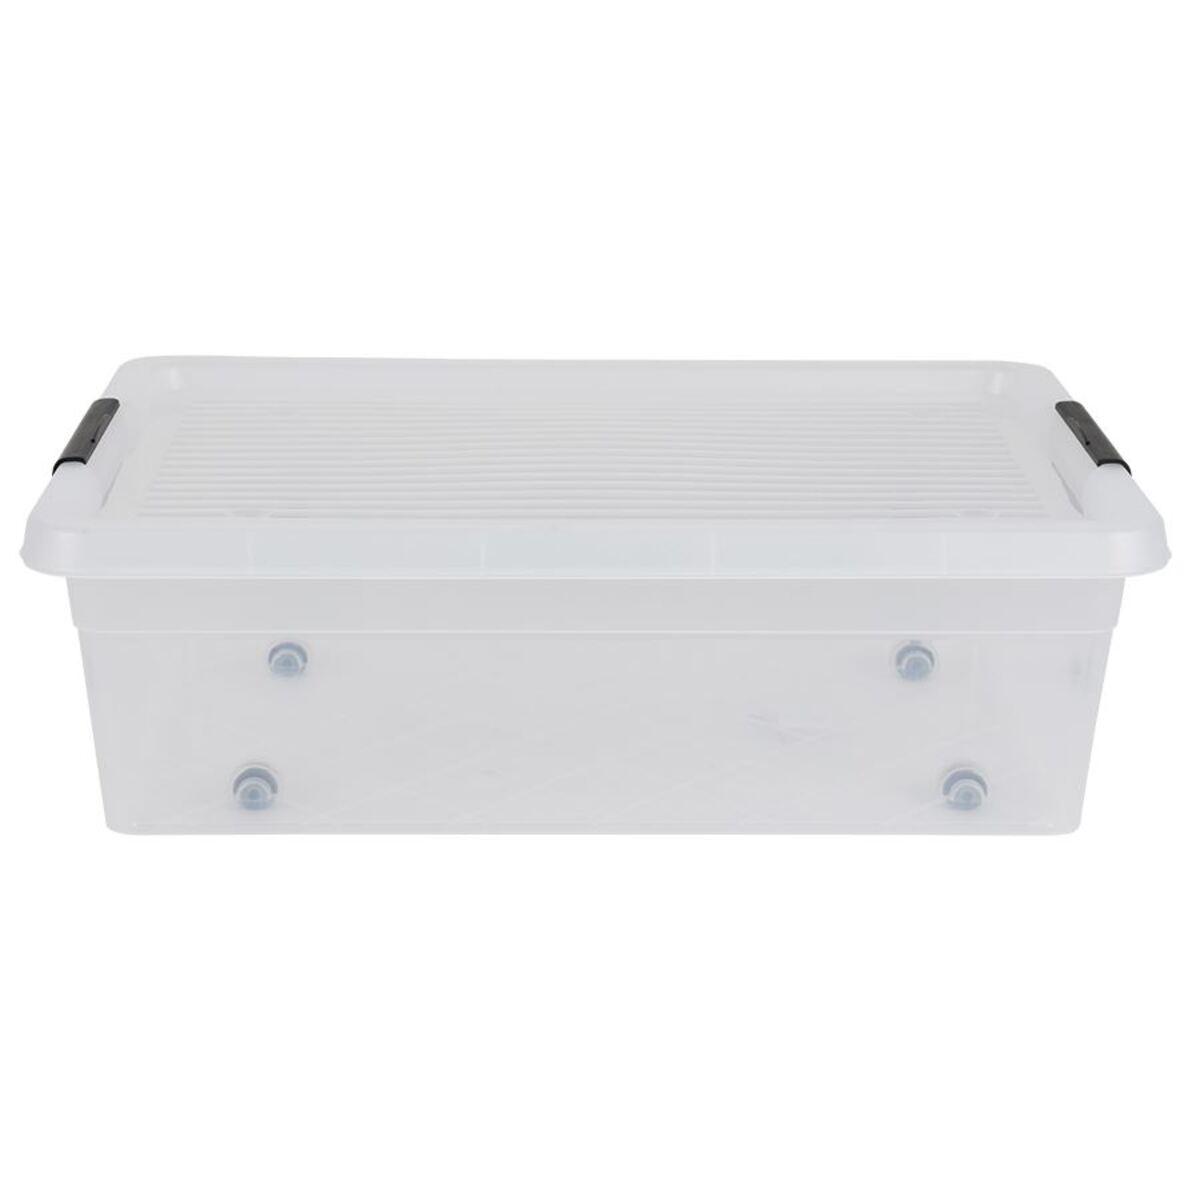 Bild 2 von Box-One Unterbettbox mit Rollen